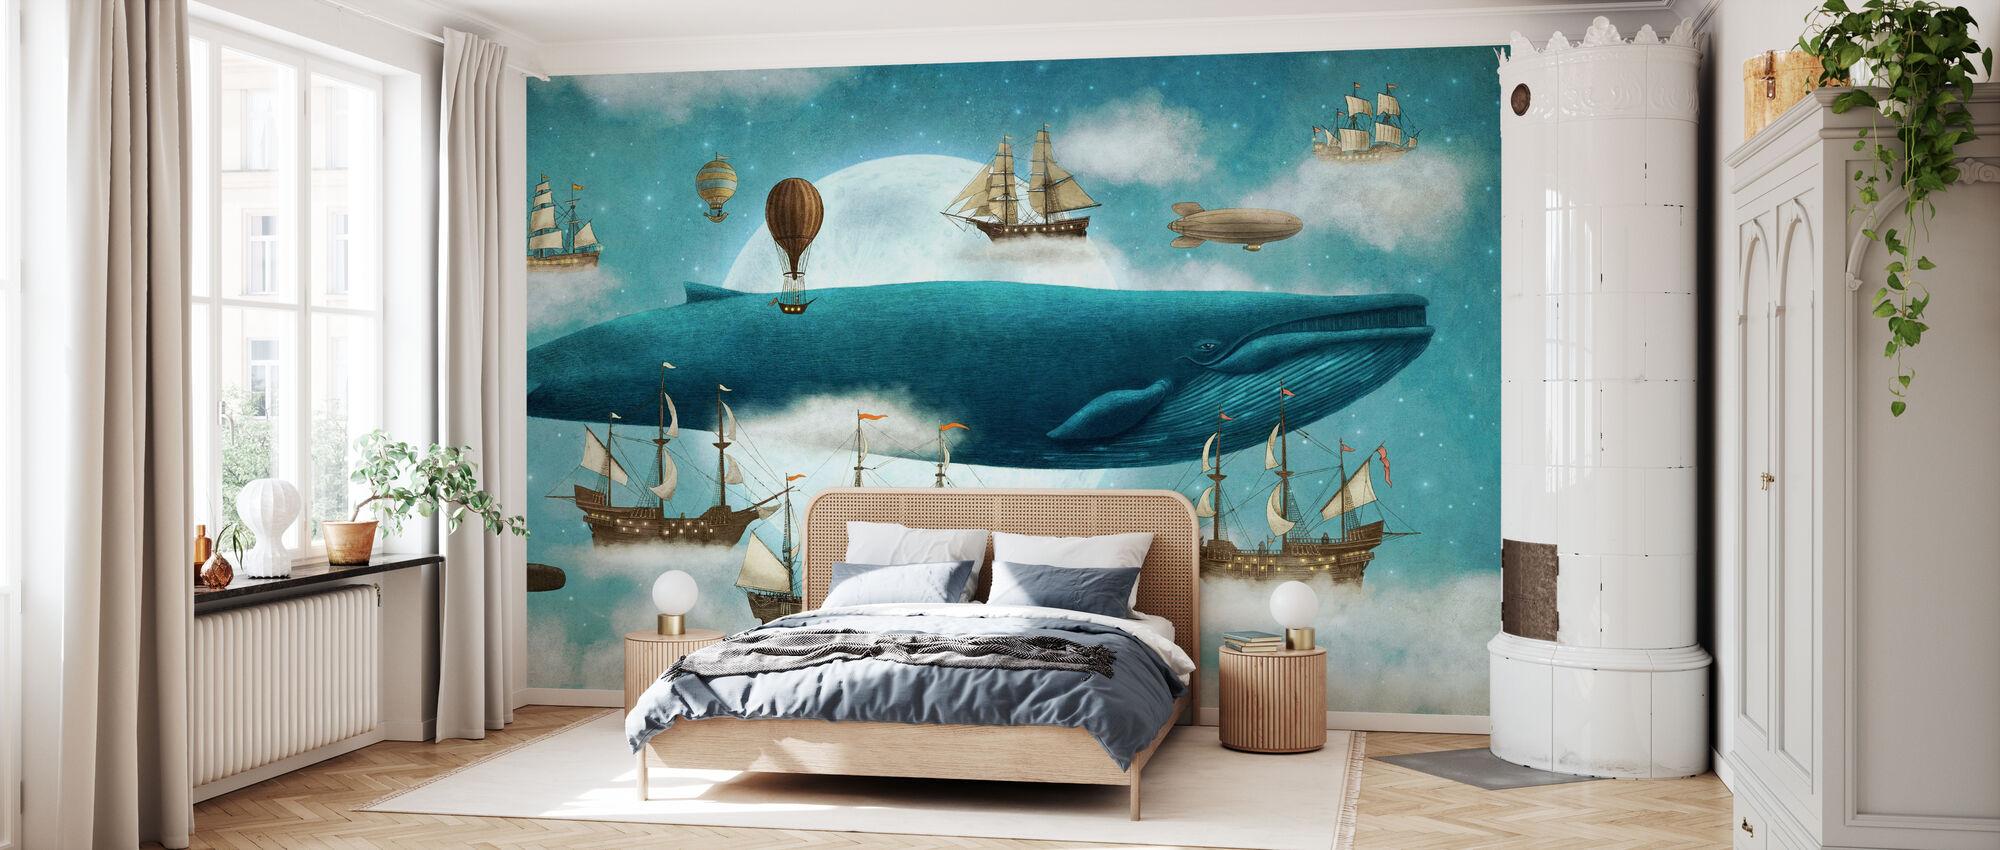 Ocean Meets Sky - Wallpaper - Bedroom